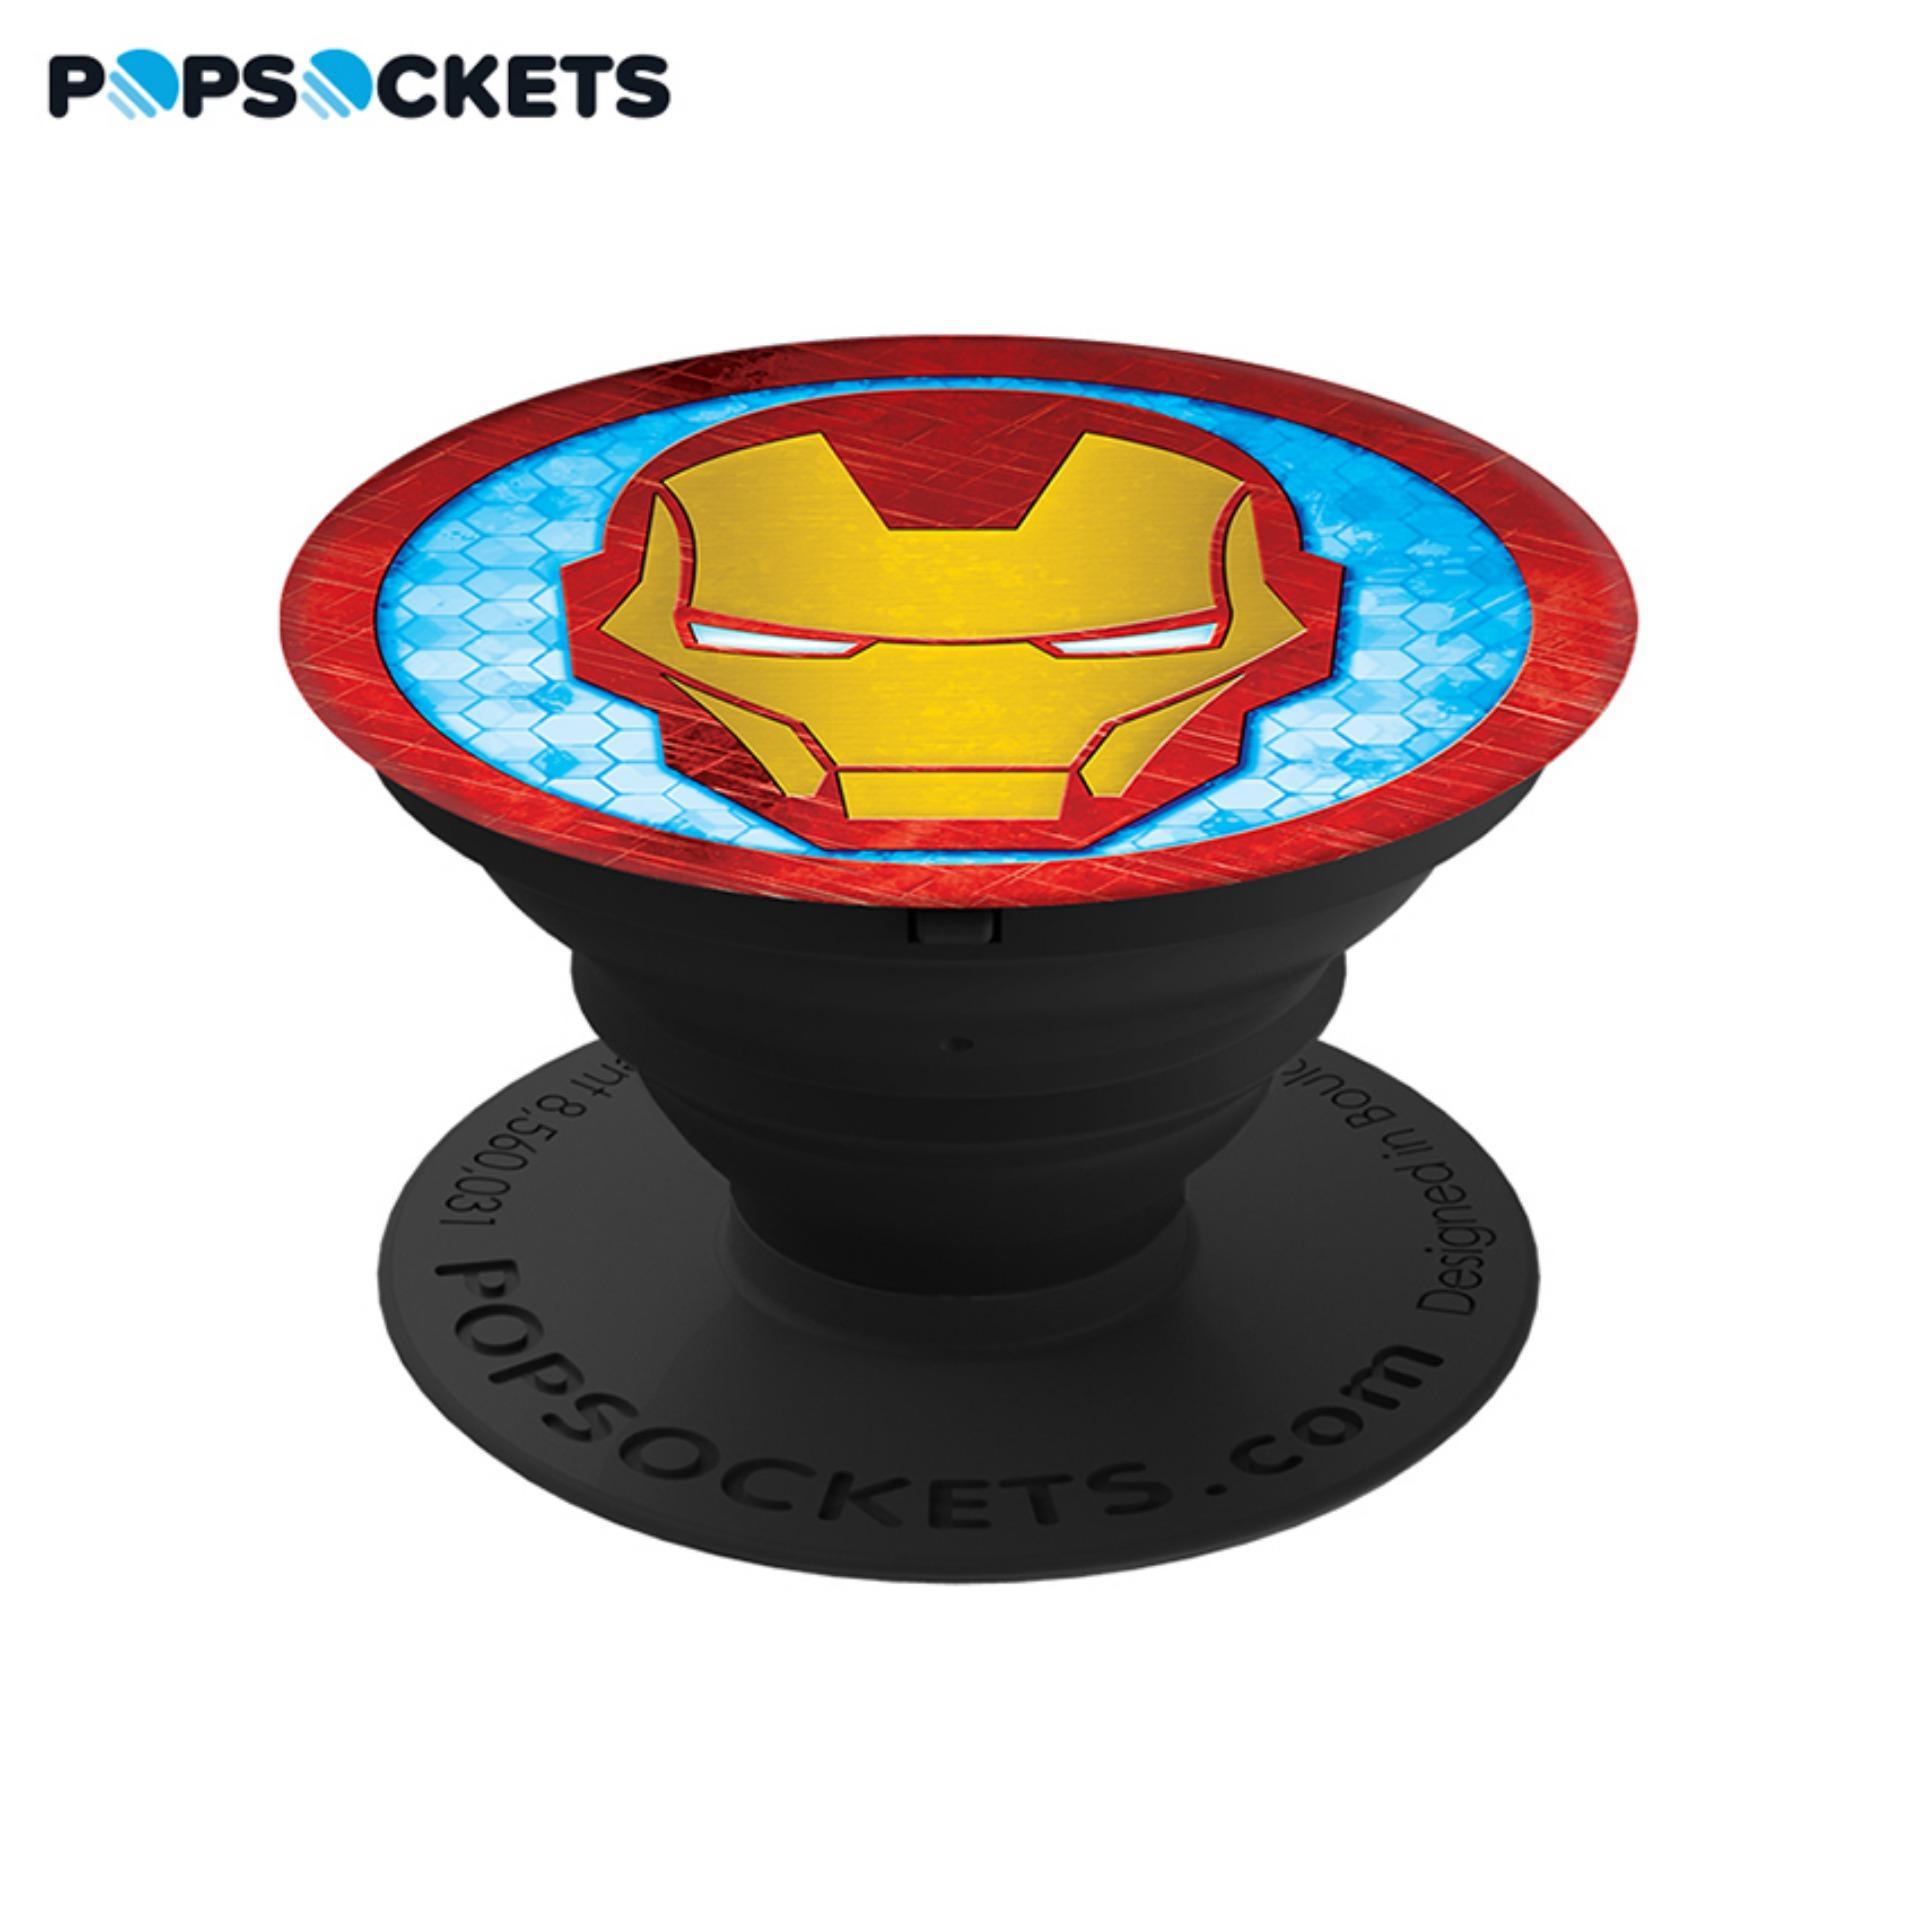 Giá Đỡ Điện Thoại Thời Trang PopSockets Iron Man Icon